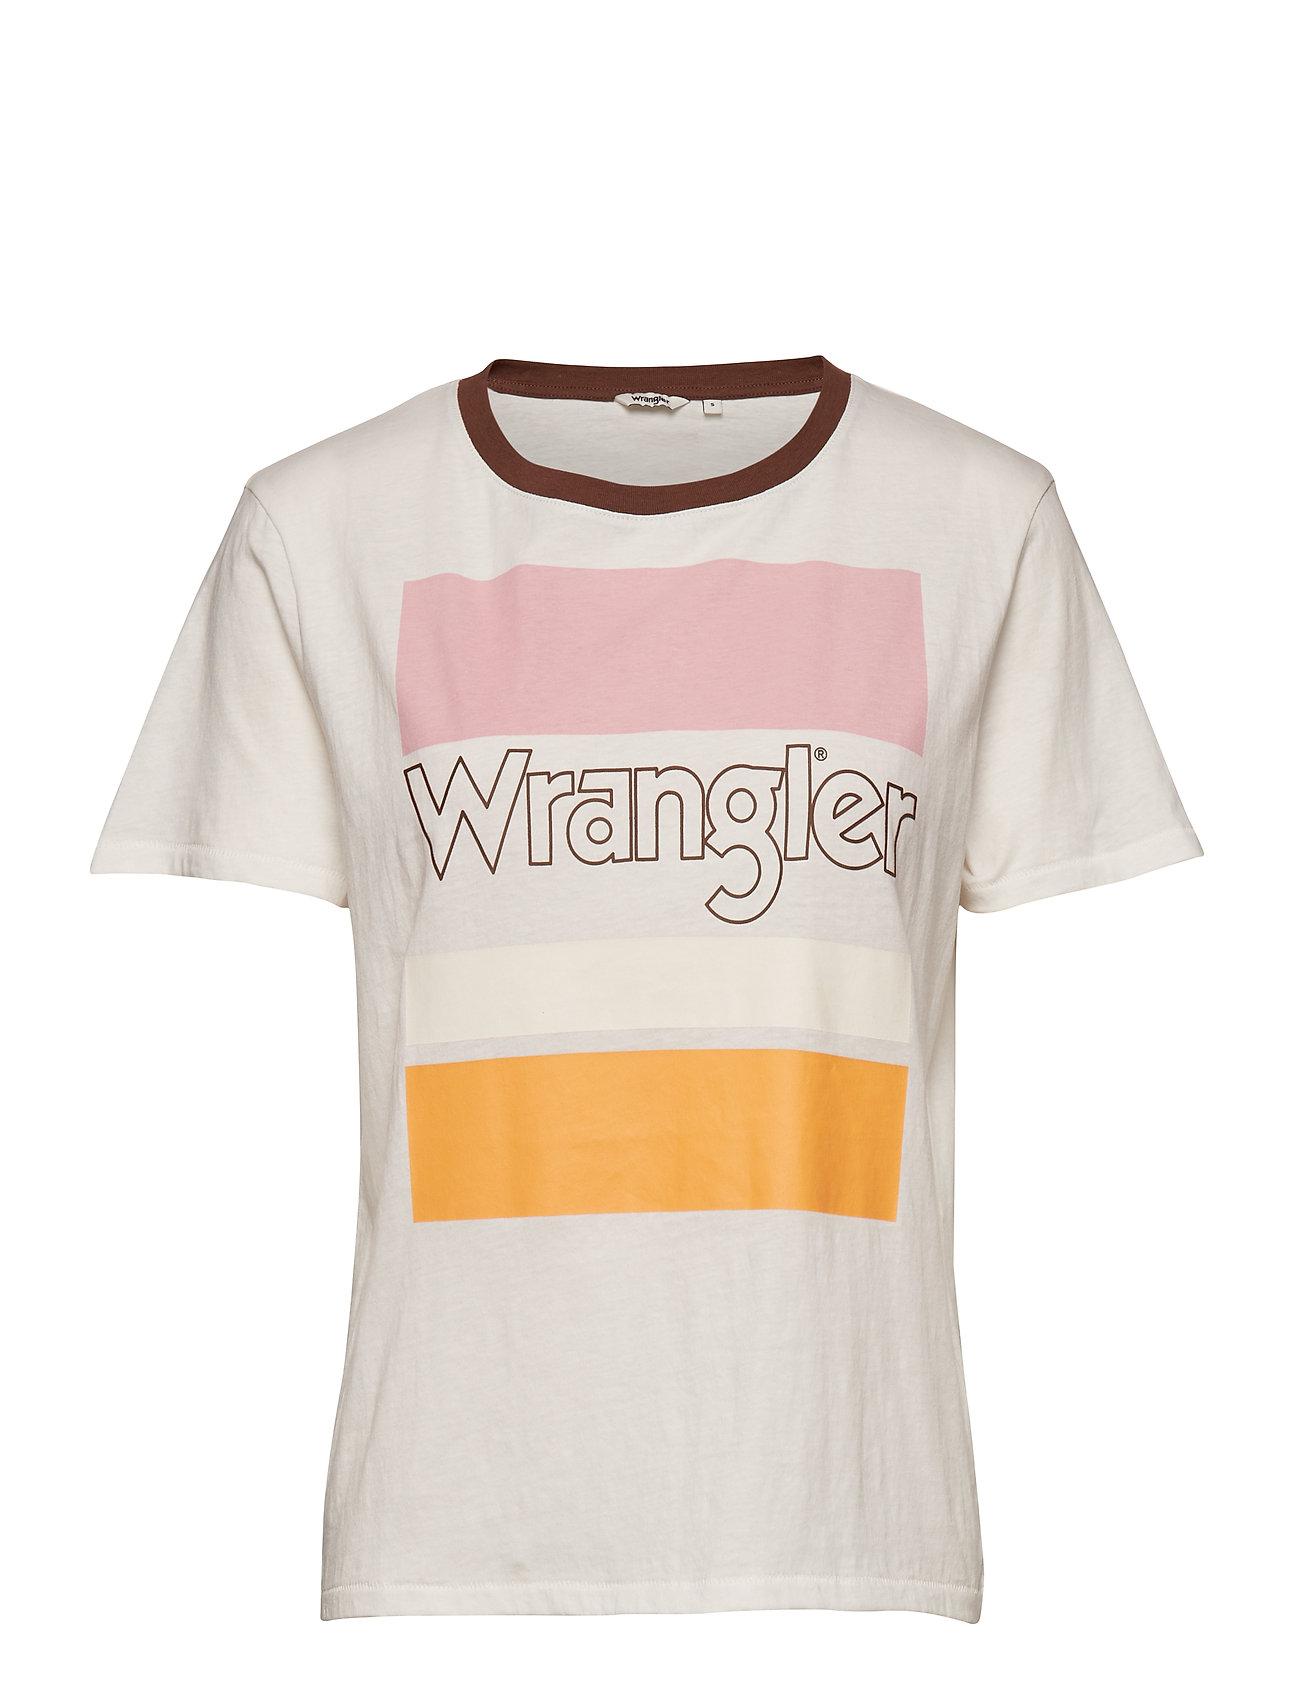 Wrangler FLAG TEE - OFFWHITE